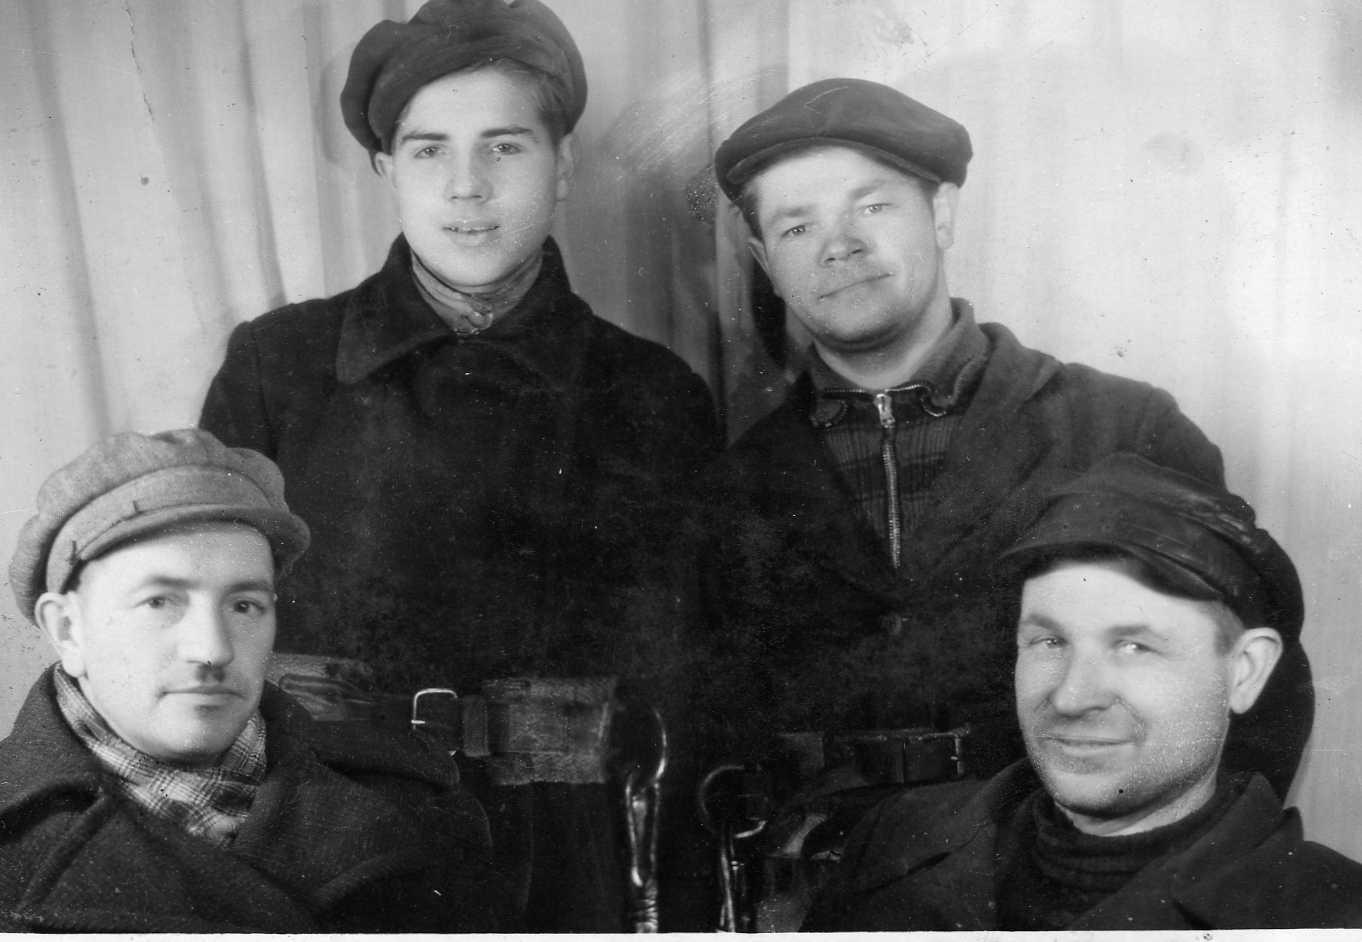 Profesoriaus, agronomo Petro Vasinausko brolis Jonas Vasinauskas (pirmas iš dešinės) Pasvalio elektrinės elektrikas-mechanikas. 1945 m.